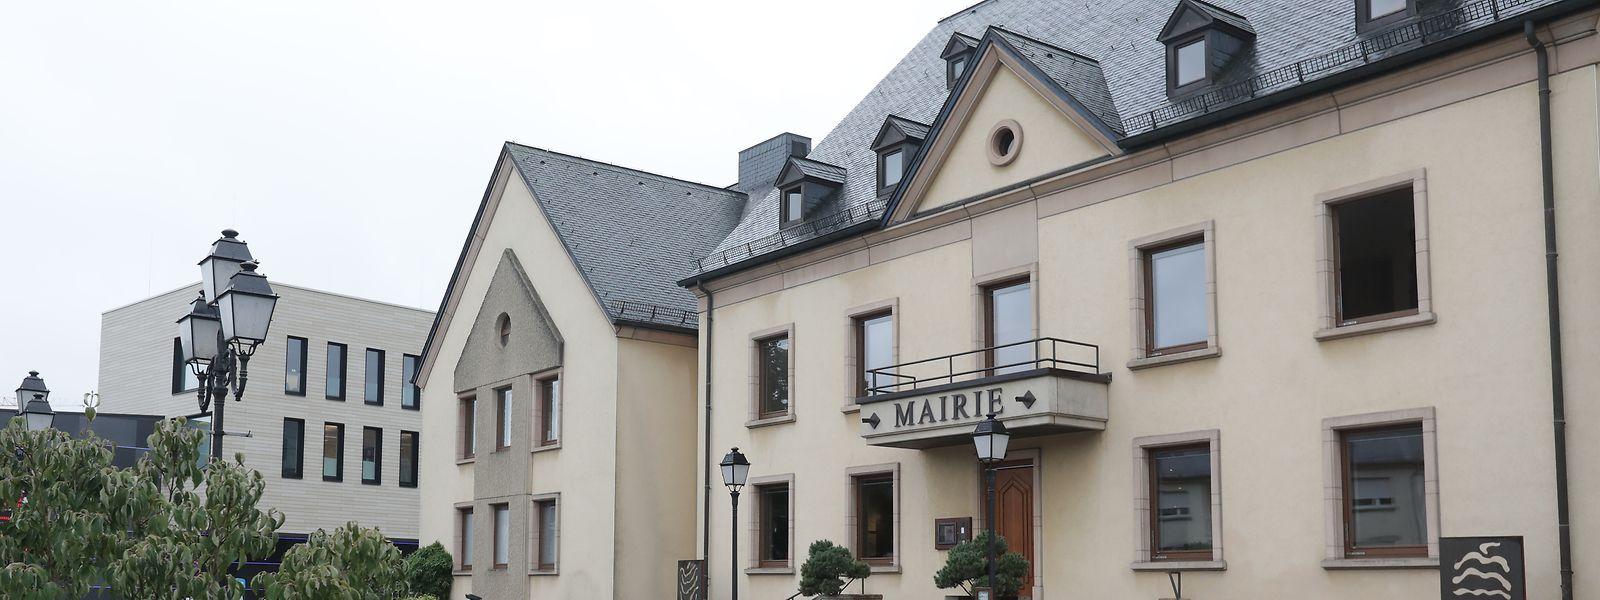 Ende der kommenden Woche soll die nächste Sitzung des Gemeinderats in Hesperingen stattfinden.